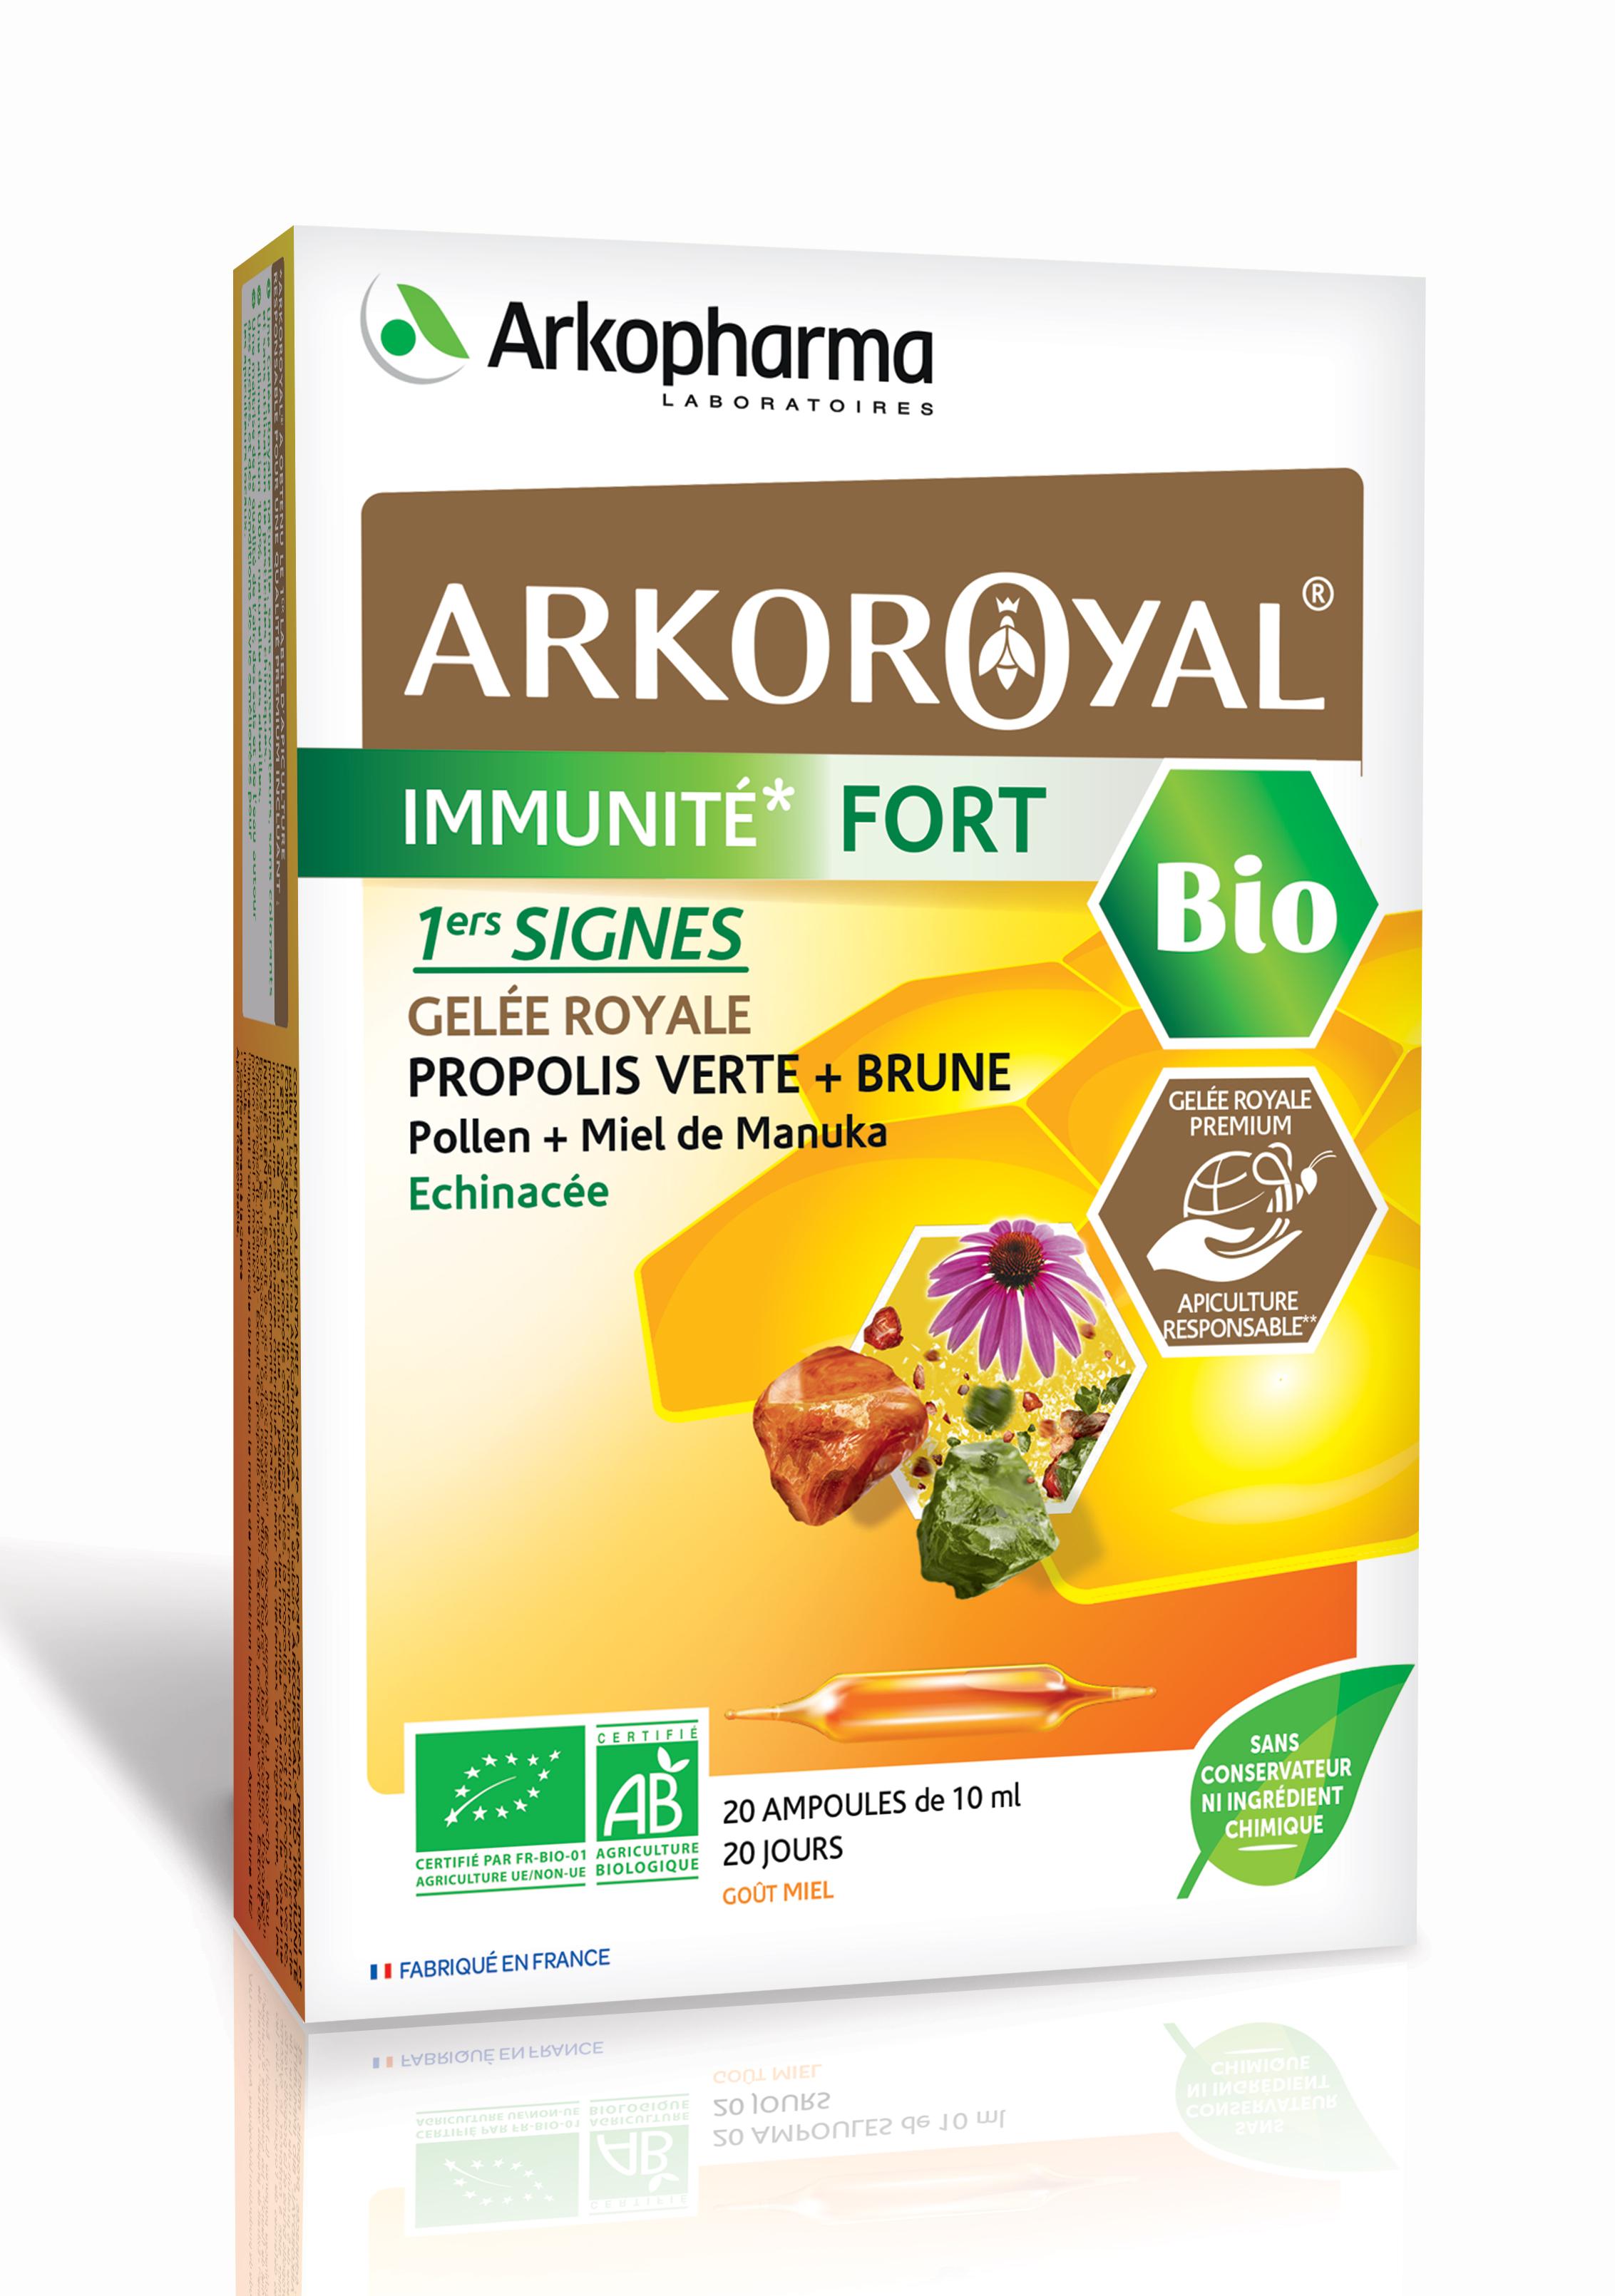 არკოროიალი ძლიერი იმუნიტეტისთვის / Arkoroyal Immunite Fort Bio